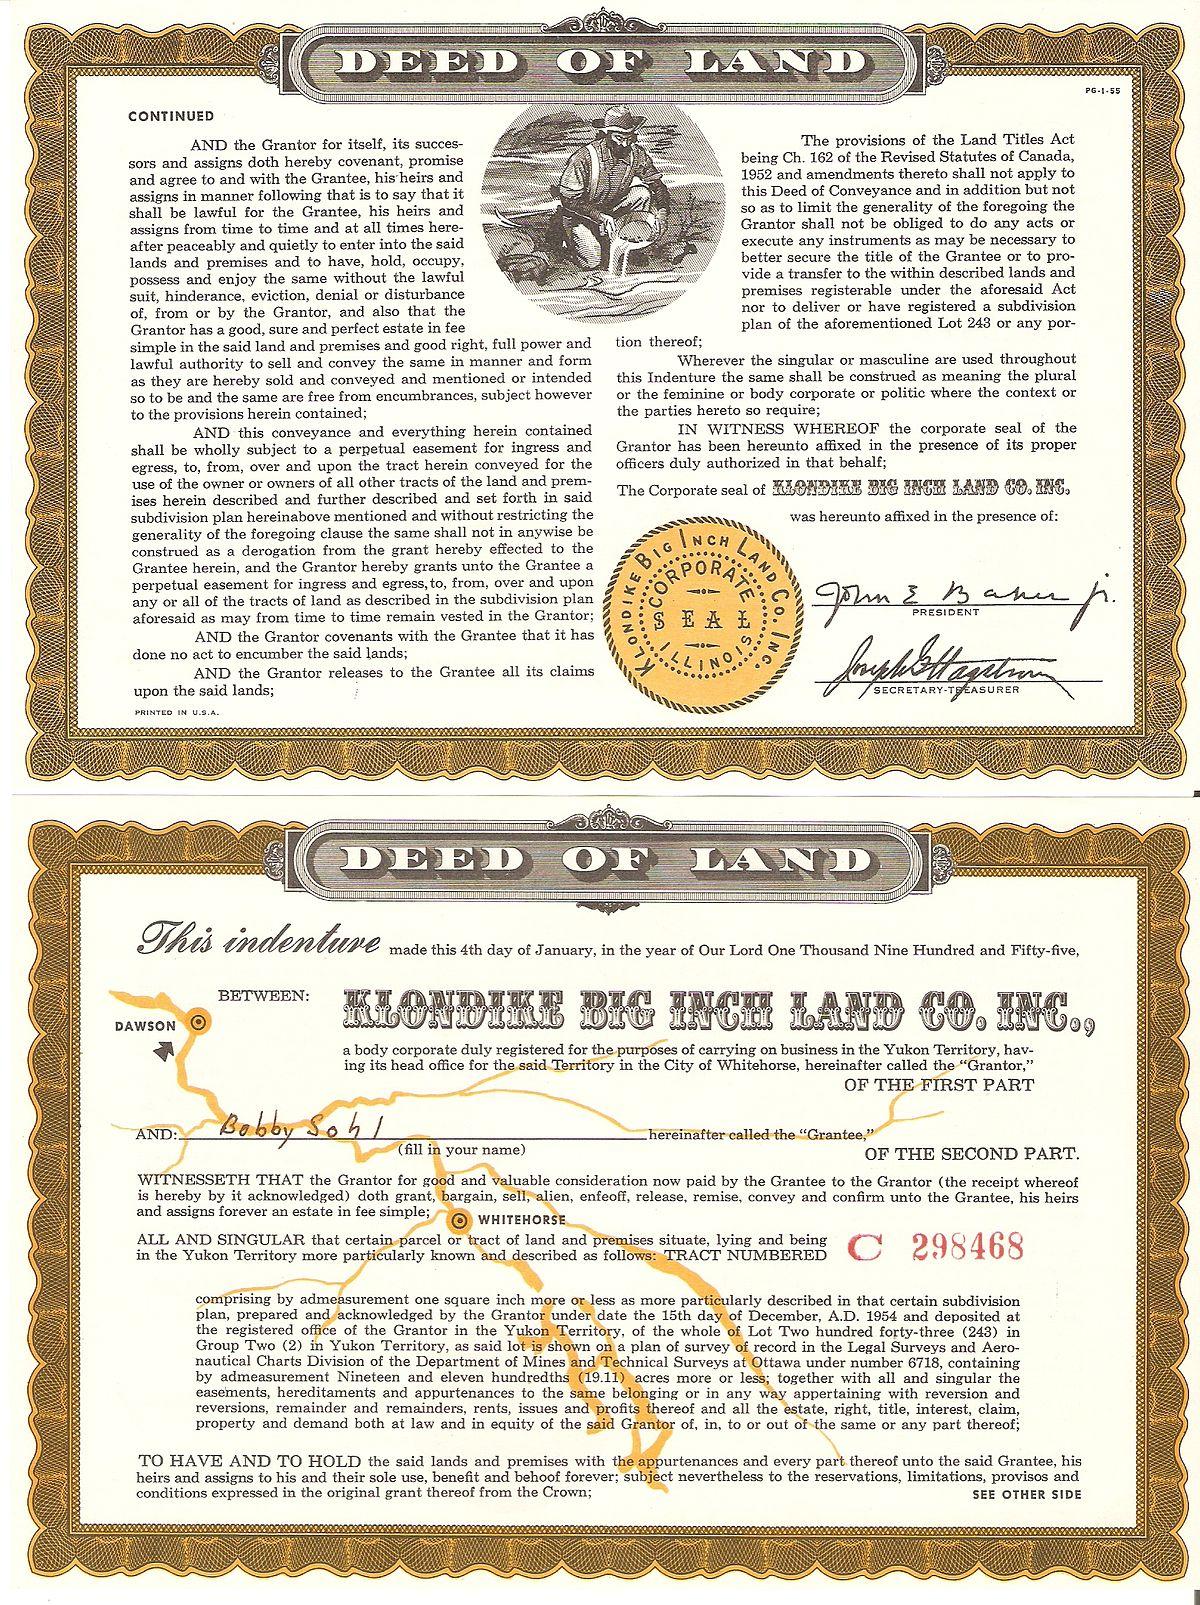 Klondike Big Inch Land Promotion - Wikipedia